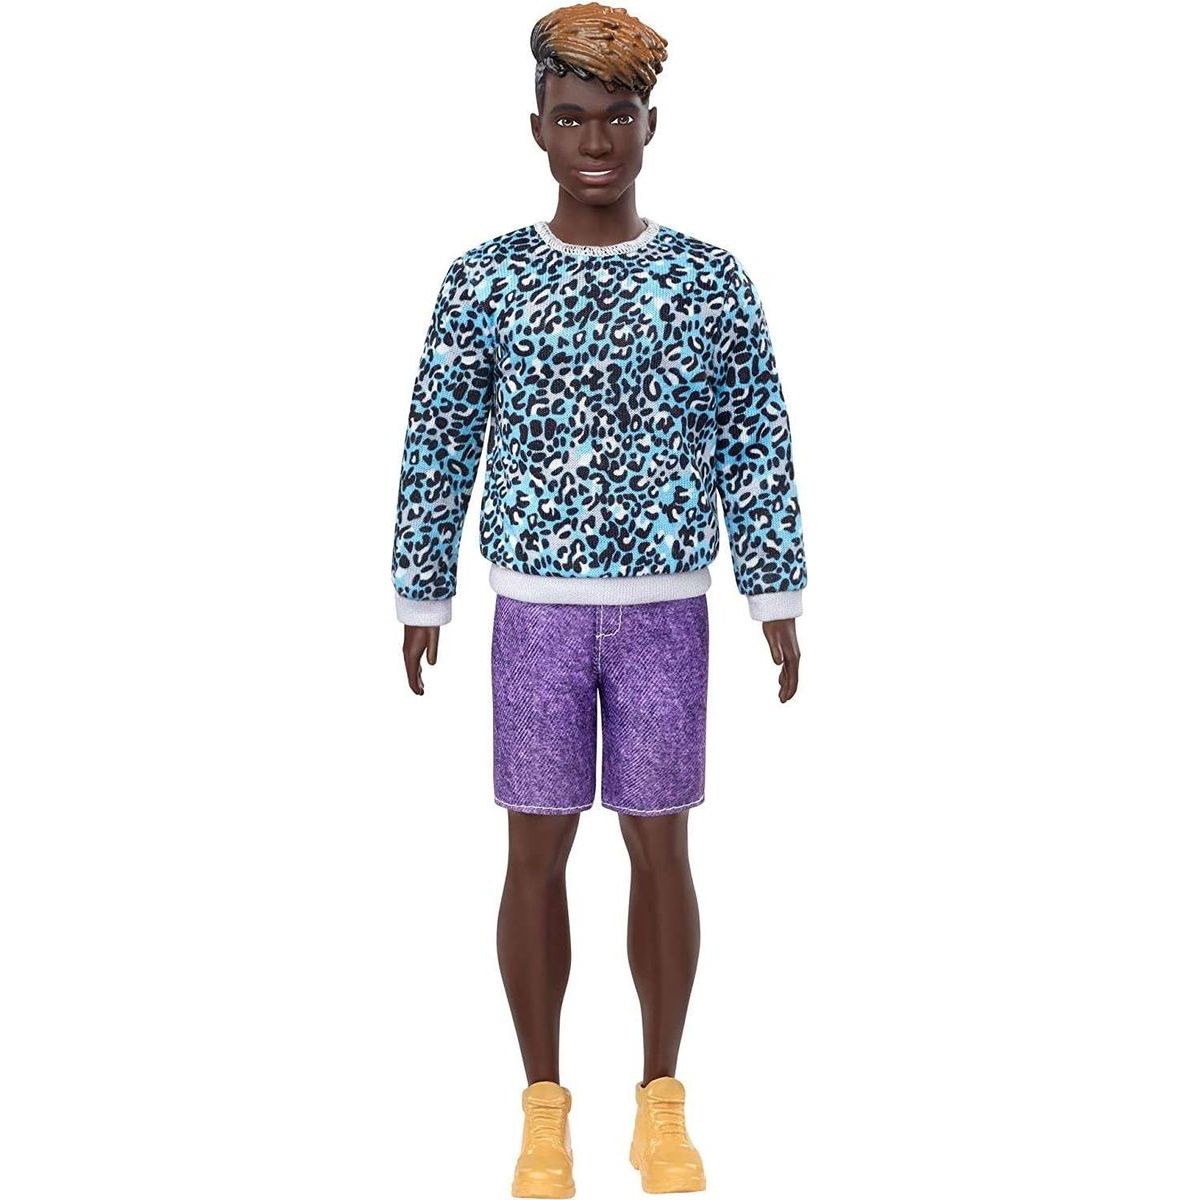 Mattel Barbie model Ken 153